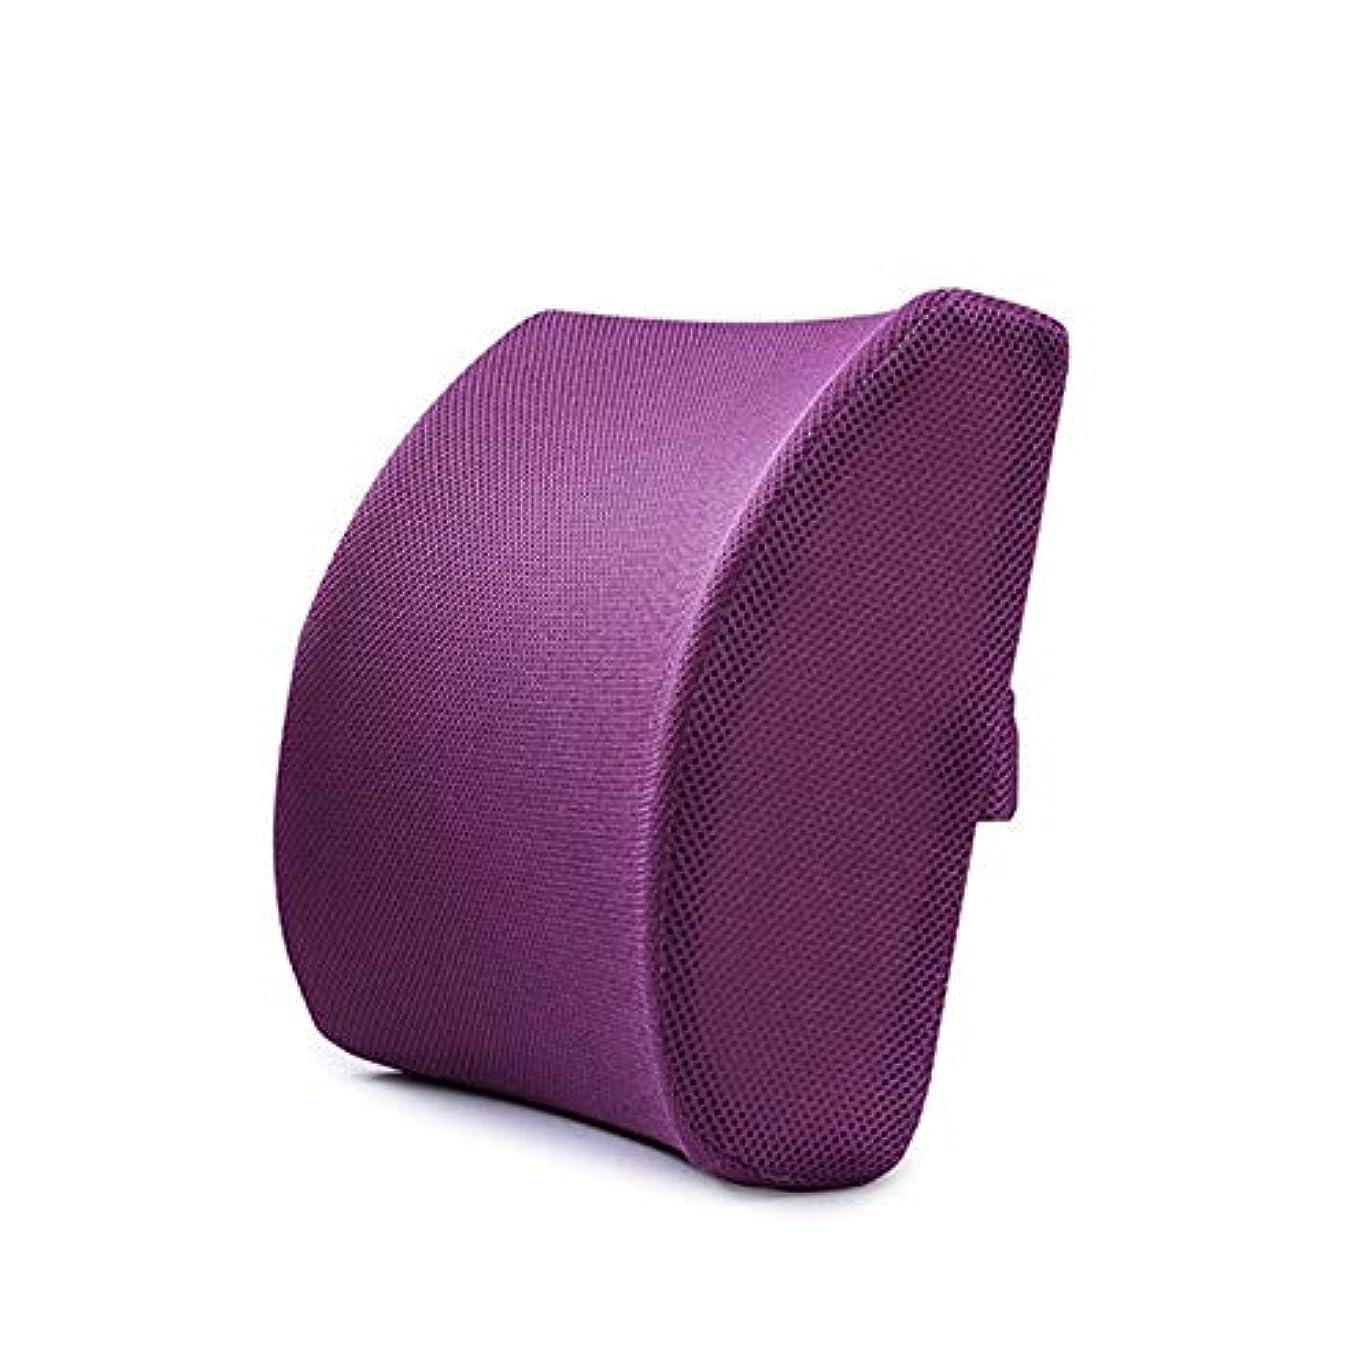 表示冷酷な悪化するLIFE ホームオフィス背もたれ椅子腰椎クッションカーシートネック枕 3D 低反発サポートバックマッサージウエストレスリビング枕 クッション 椅子